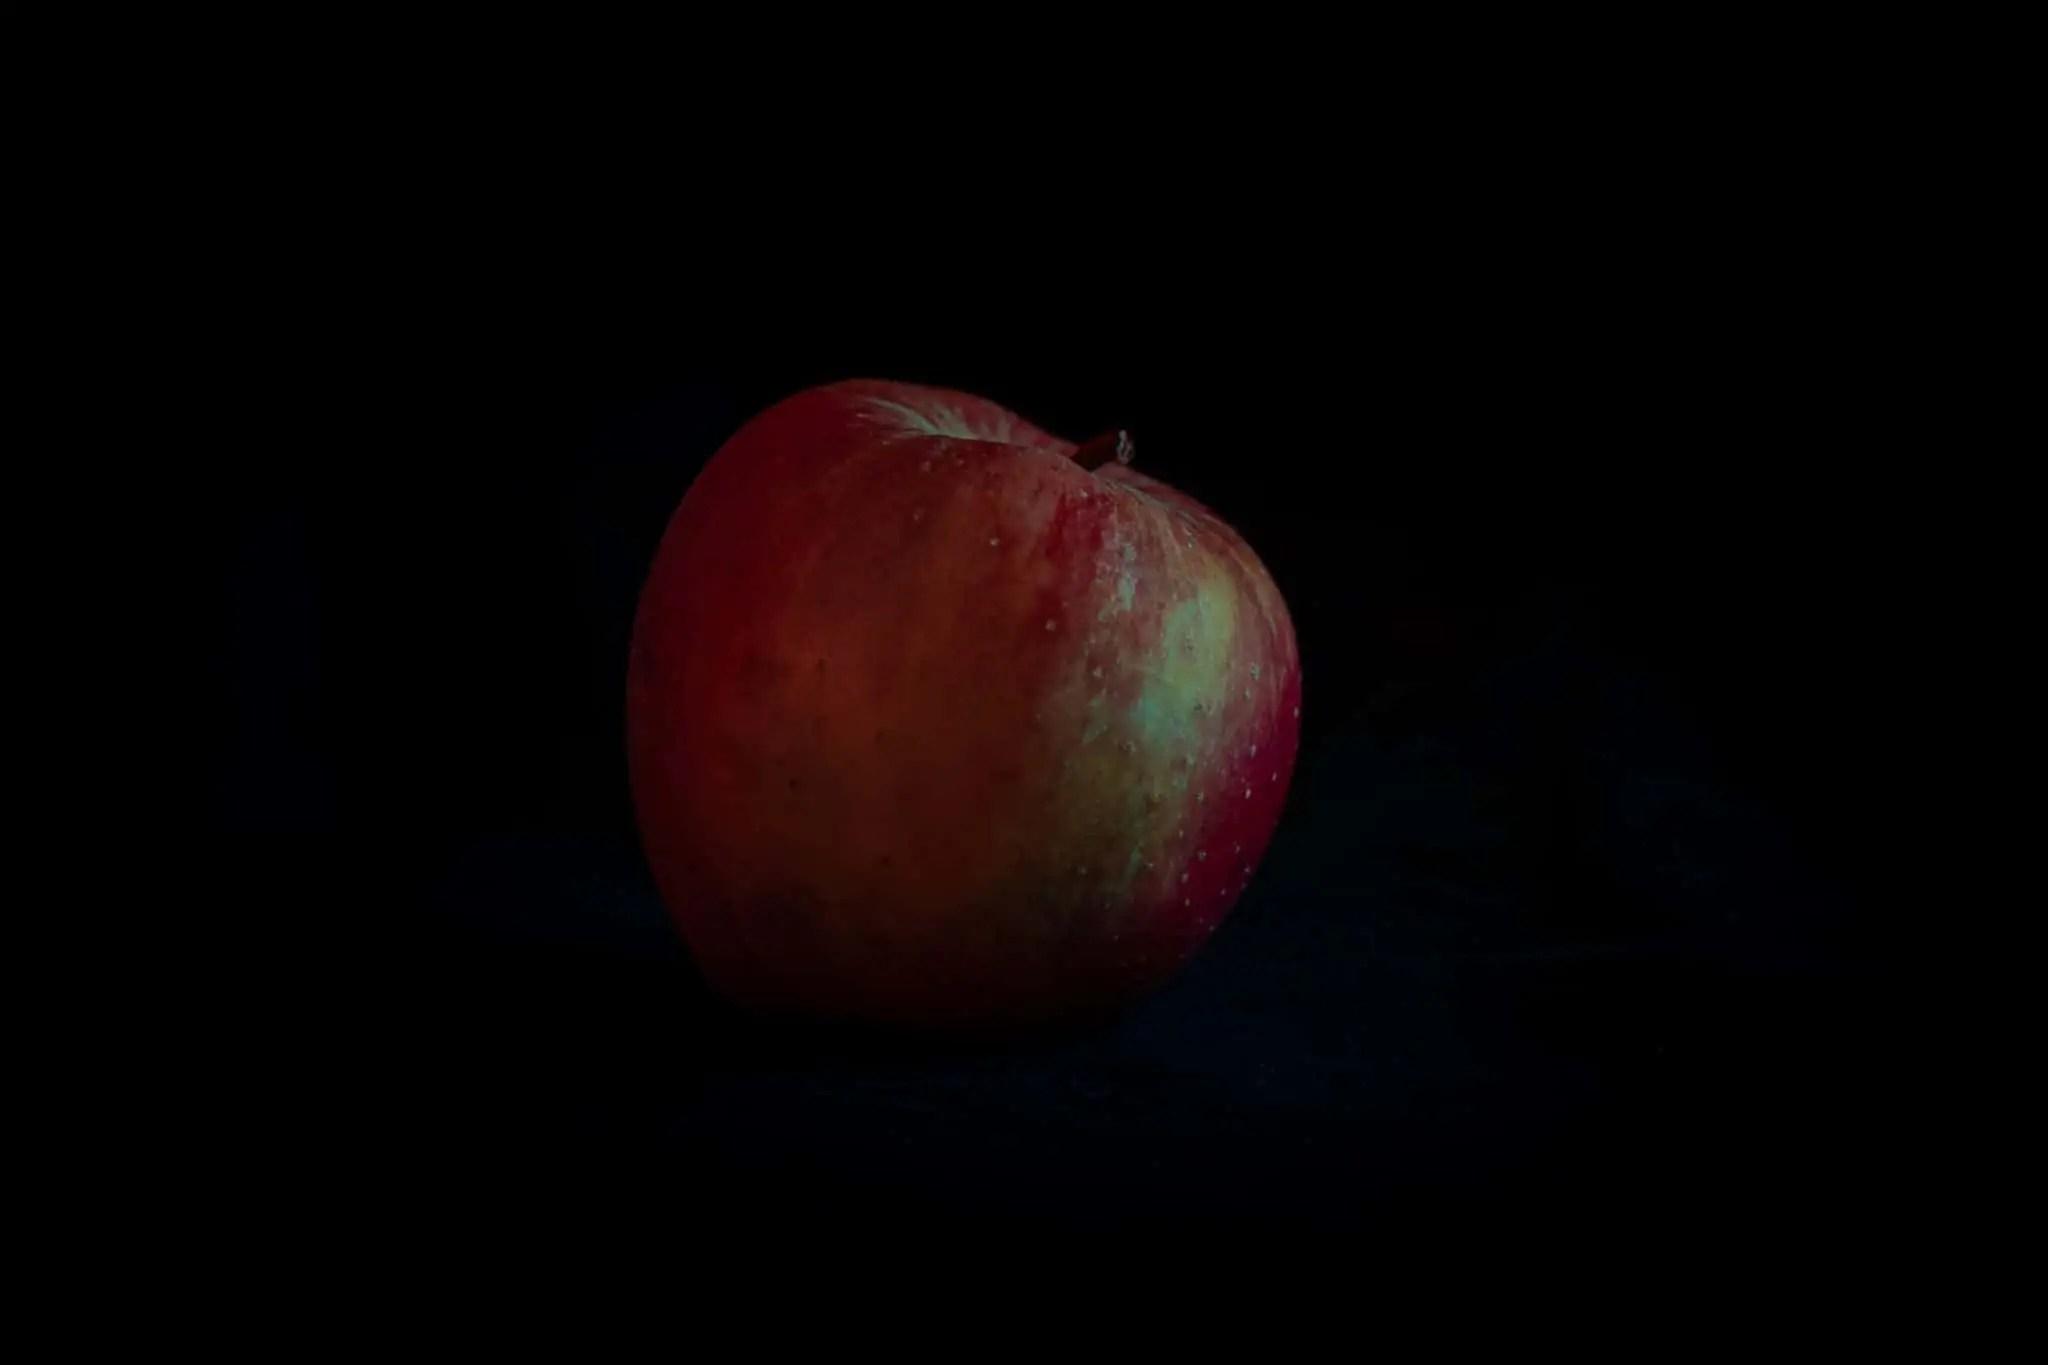 Zdjęcia jabłek w stylu rembrandta 1 2 scaled - Zdjęcia jabłek - polskie owoce